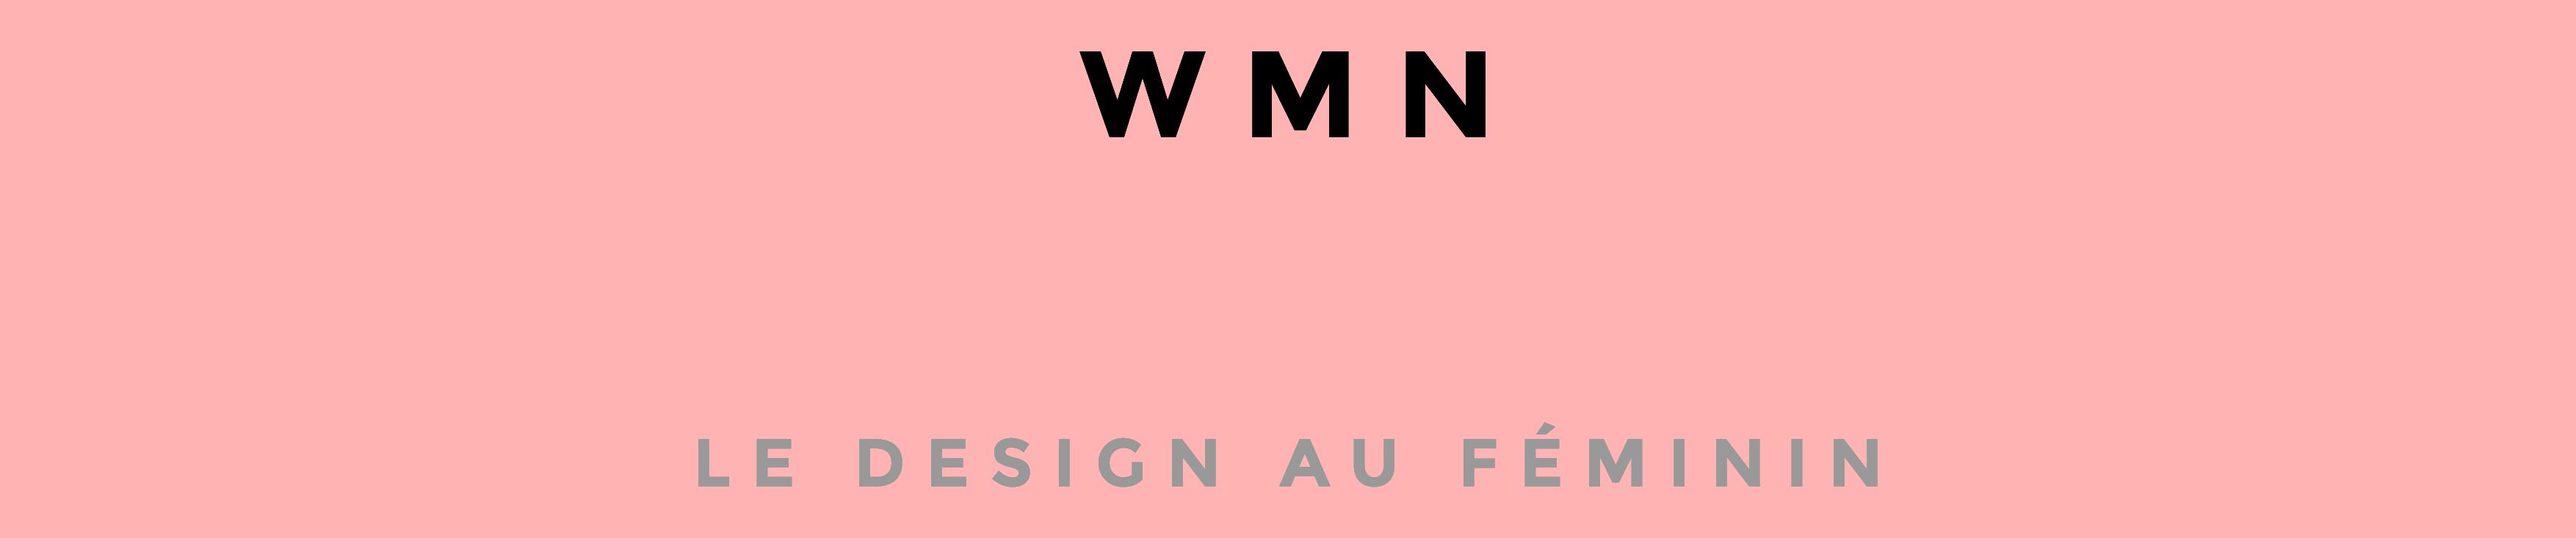 Les femmes de l'histoire du design